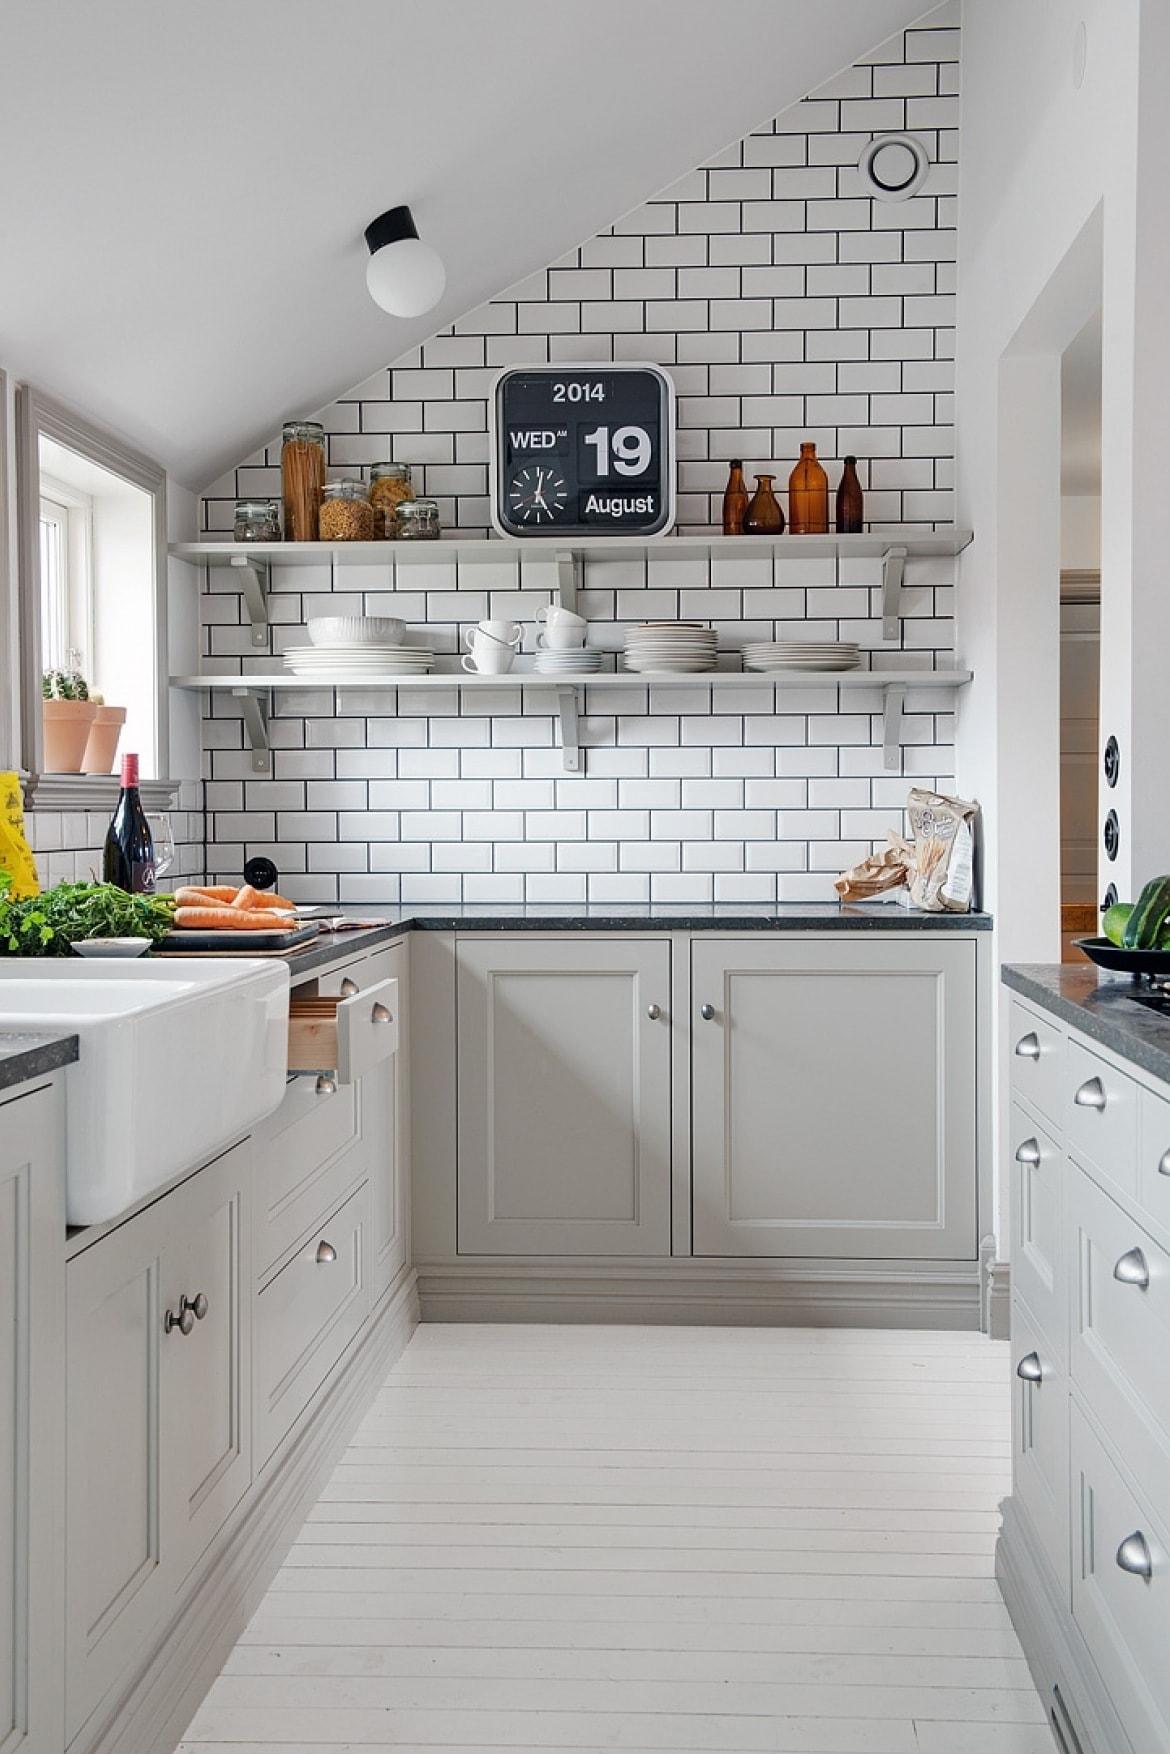 phòng bếp nhỏ gọn được sơn màu trắng